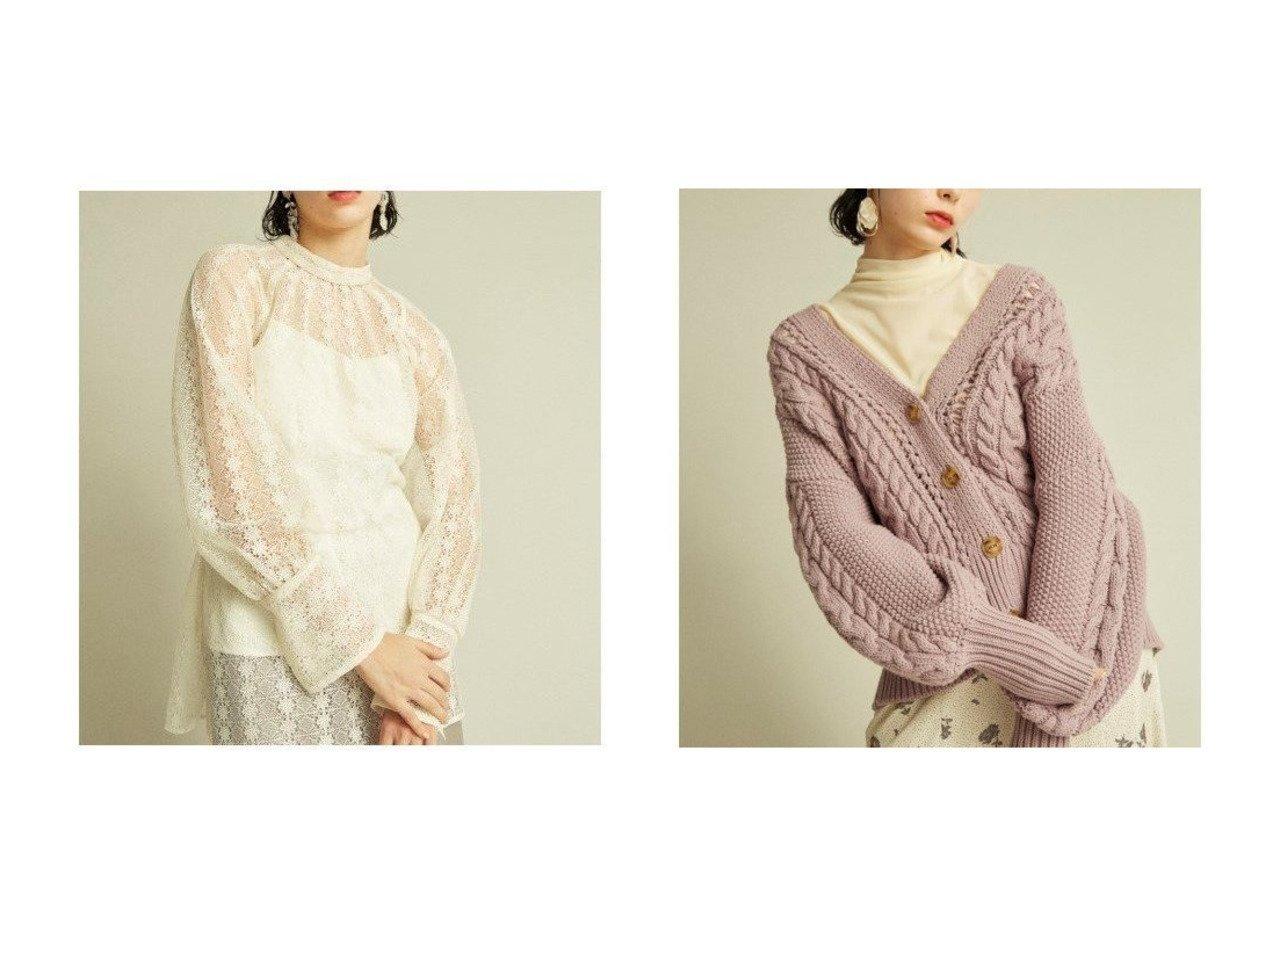 【Lily Brown/リリーブラウン】のエコペットレーストップス&ケーブルニットカーディガン Lily Brownのおすすめ!人気、トレンド・レディースファッションの通販 おすすめで人気の流行・トレンド、ファッションの通販商品 メンズファッション・キッズファッション・インテリア・家具・レディースファッション・服の通販 founy(ファニー) https://founy.com/ ファッション Fashion レディースファッション WOMEN トップス Tops Tshirt シャツ/ブラウス Shirts Blouses ニット Knit Tops カーディガン Cardigans インナー キャミソール スマート スリーブ チュニック パイピング ファブリック ラベンダー リボン レース 再入荷 Restock/Back in Stock/Re Arrival  ID:crp329100000019634